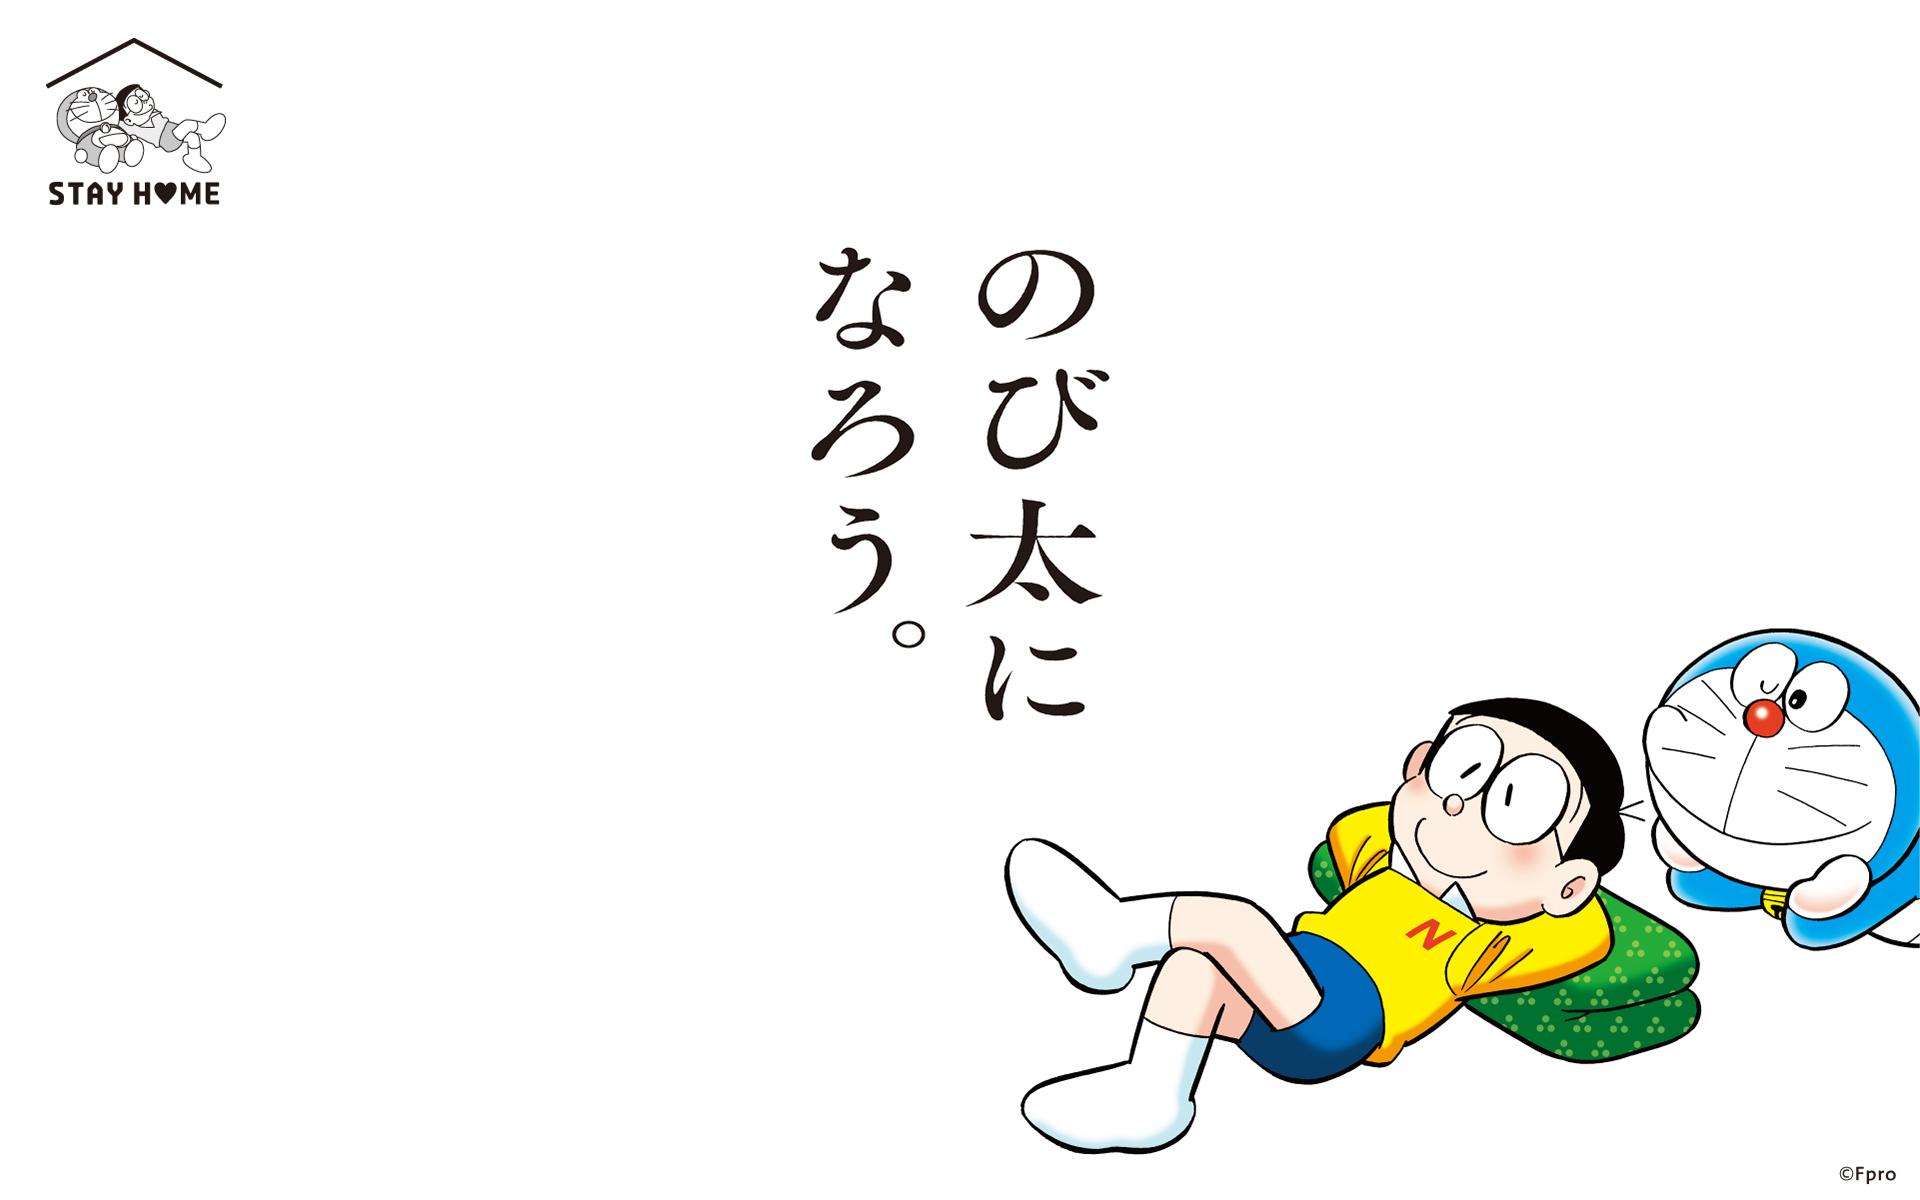 『ゲゲゲの鬼太郎』に登場する「アマビエ」